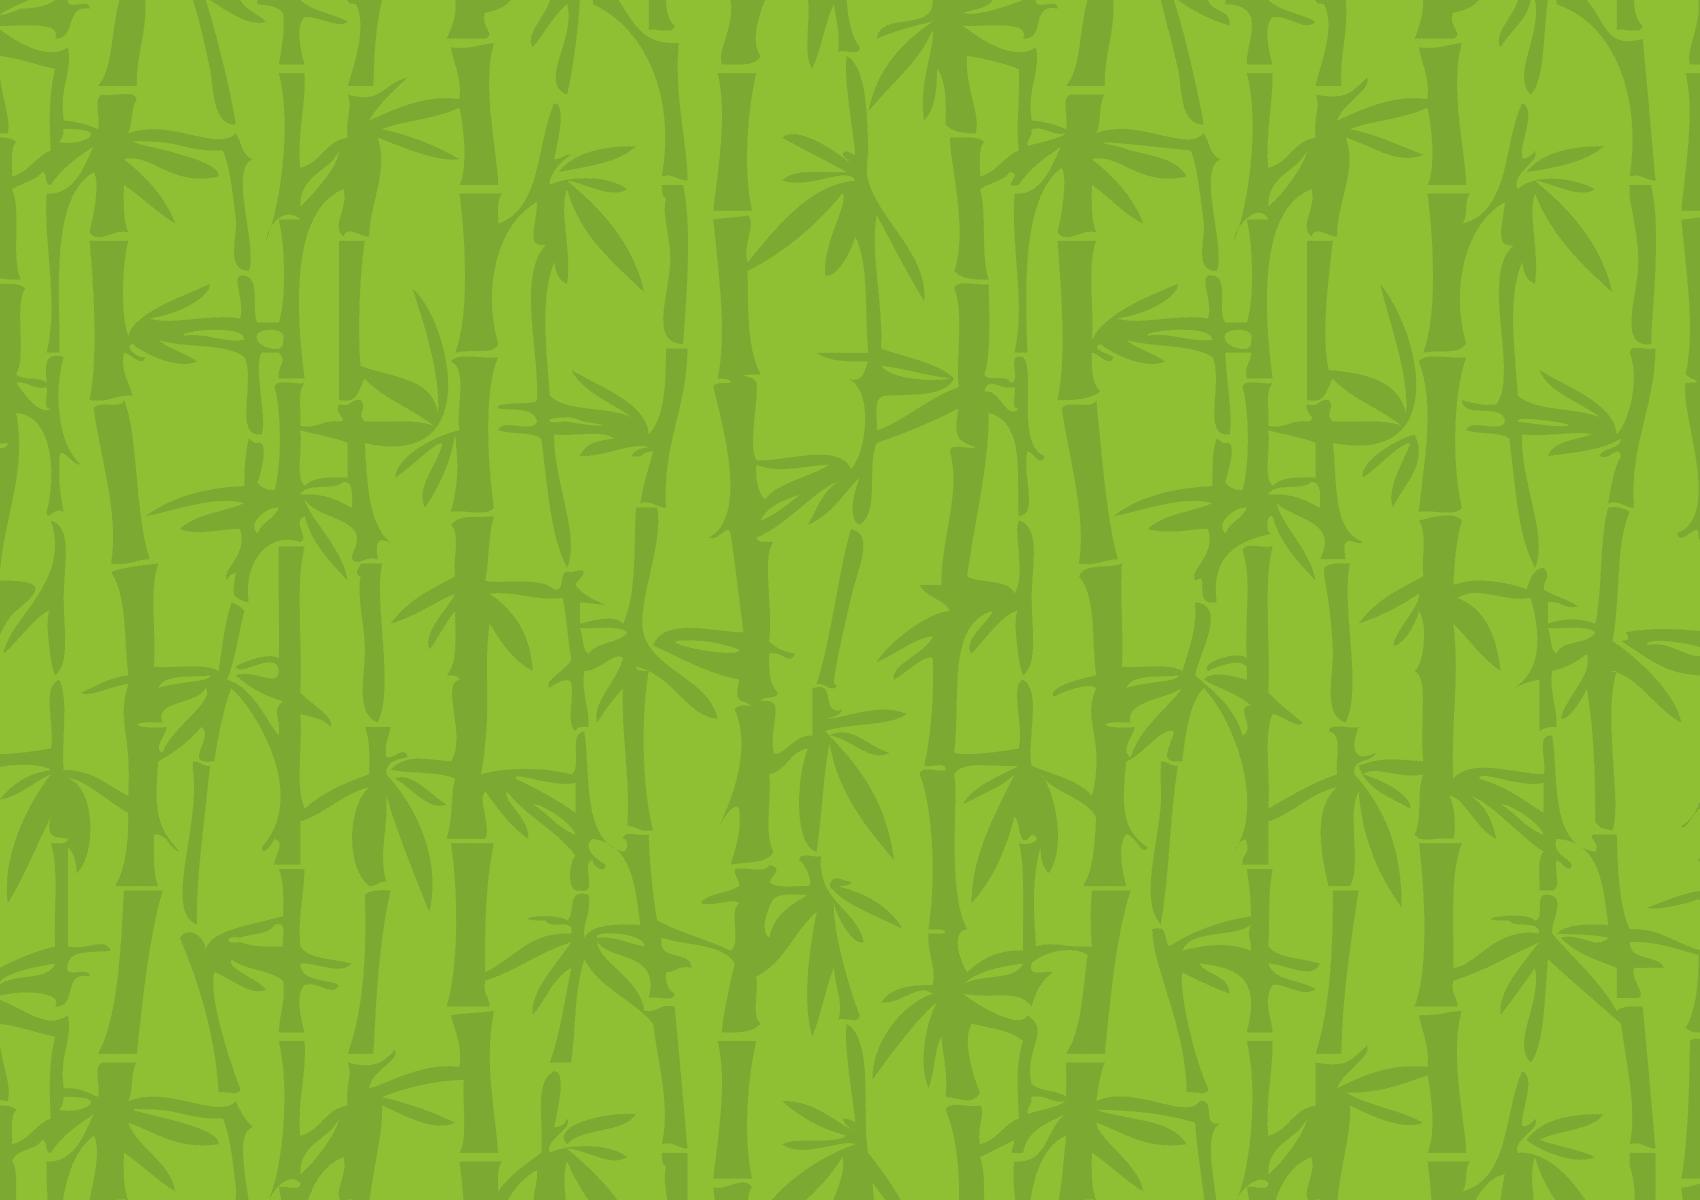 Sushinho background texture